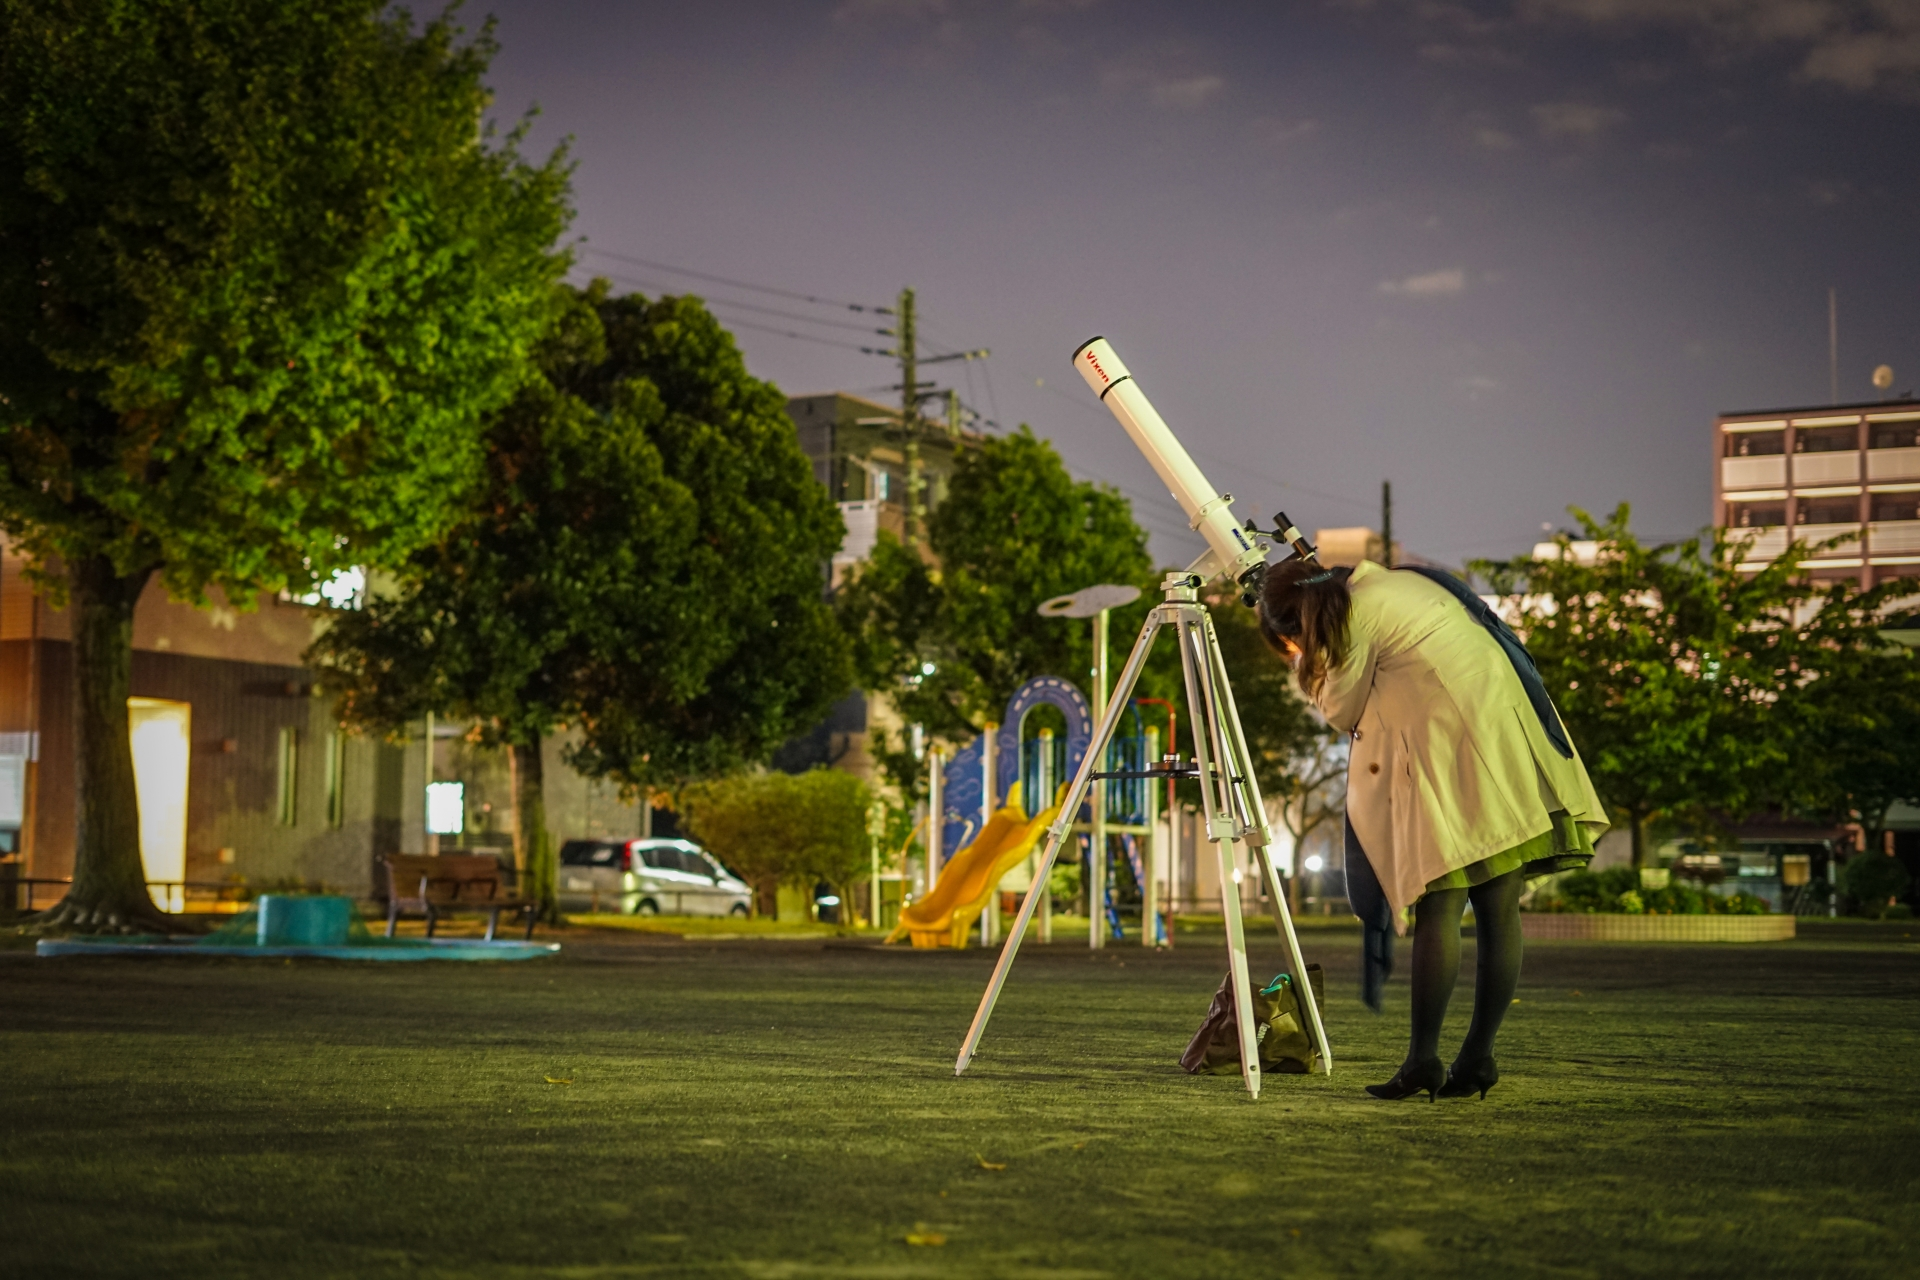 天体望遠鏡のおすすめ10選!子供や初心者向けも